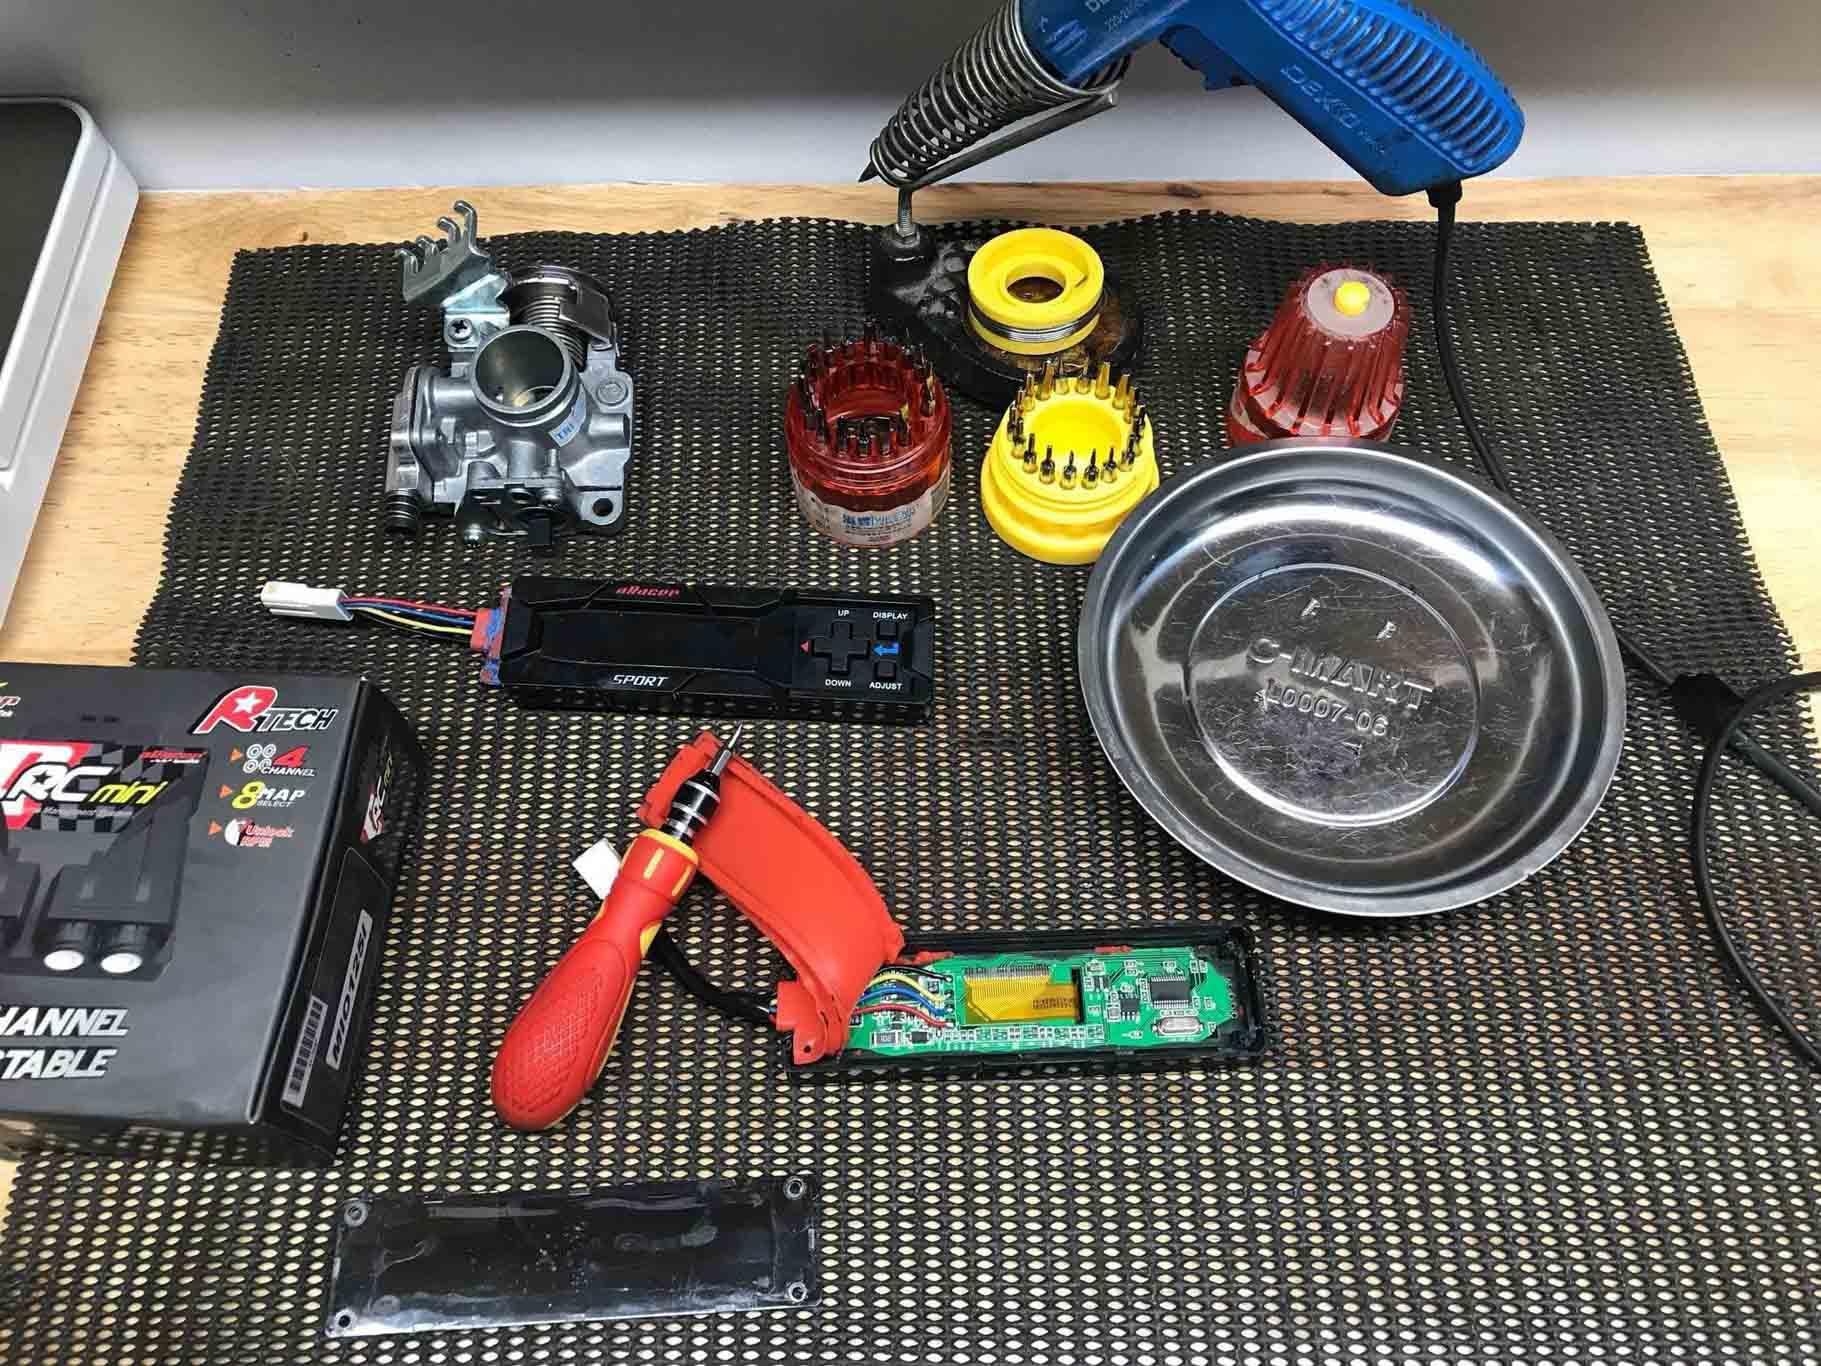 Các bộ phận chính sử dụng để độ phun xăng điện tử